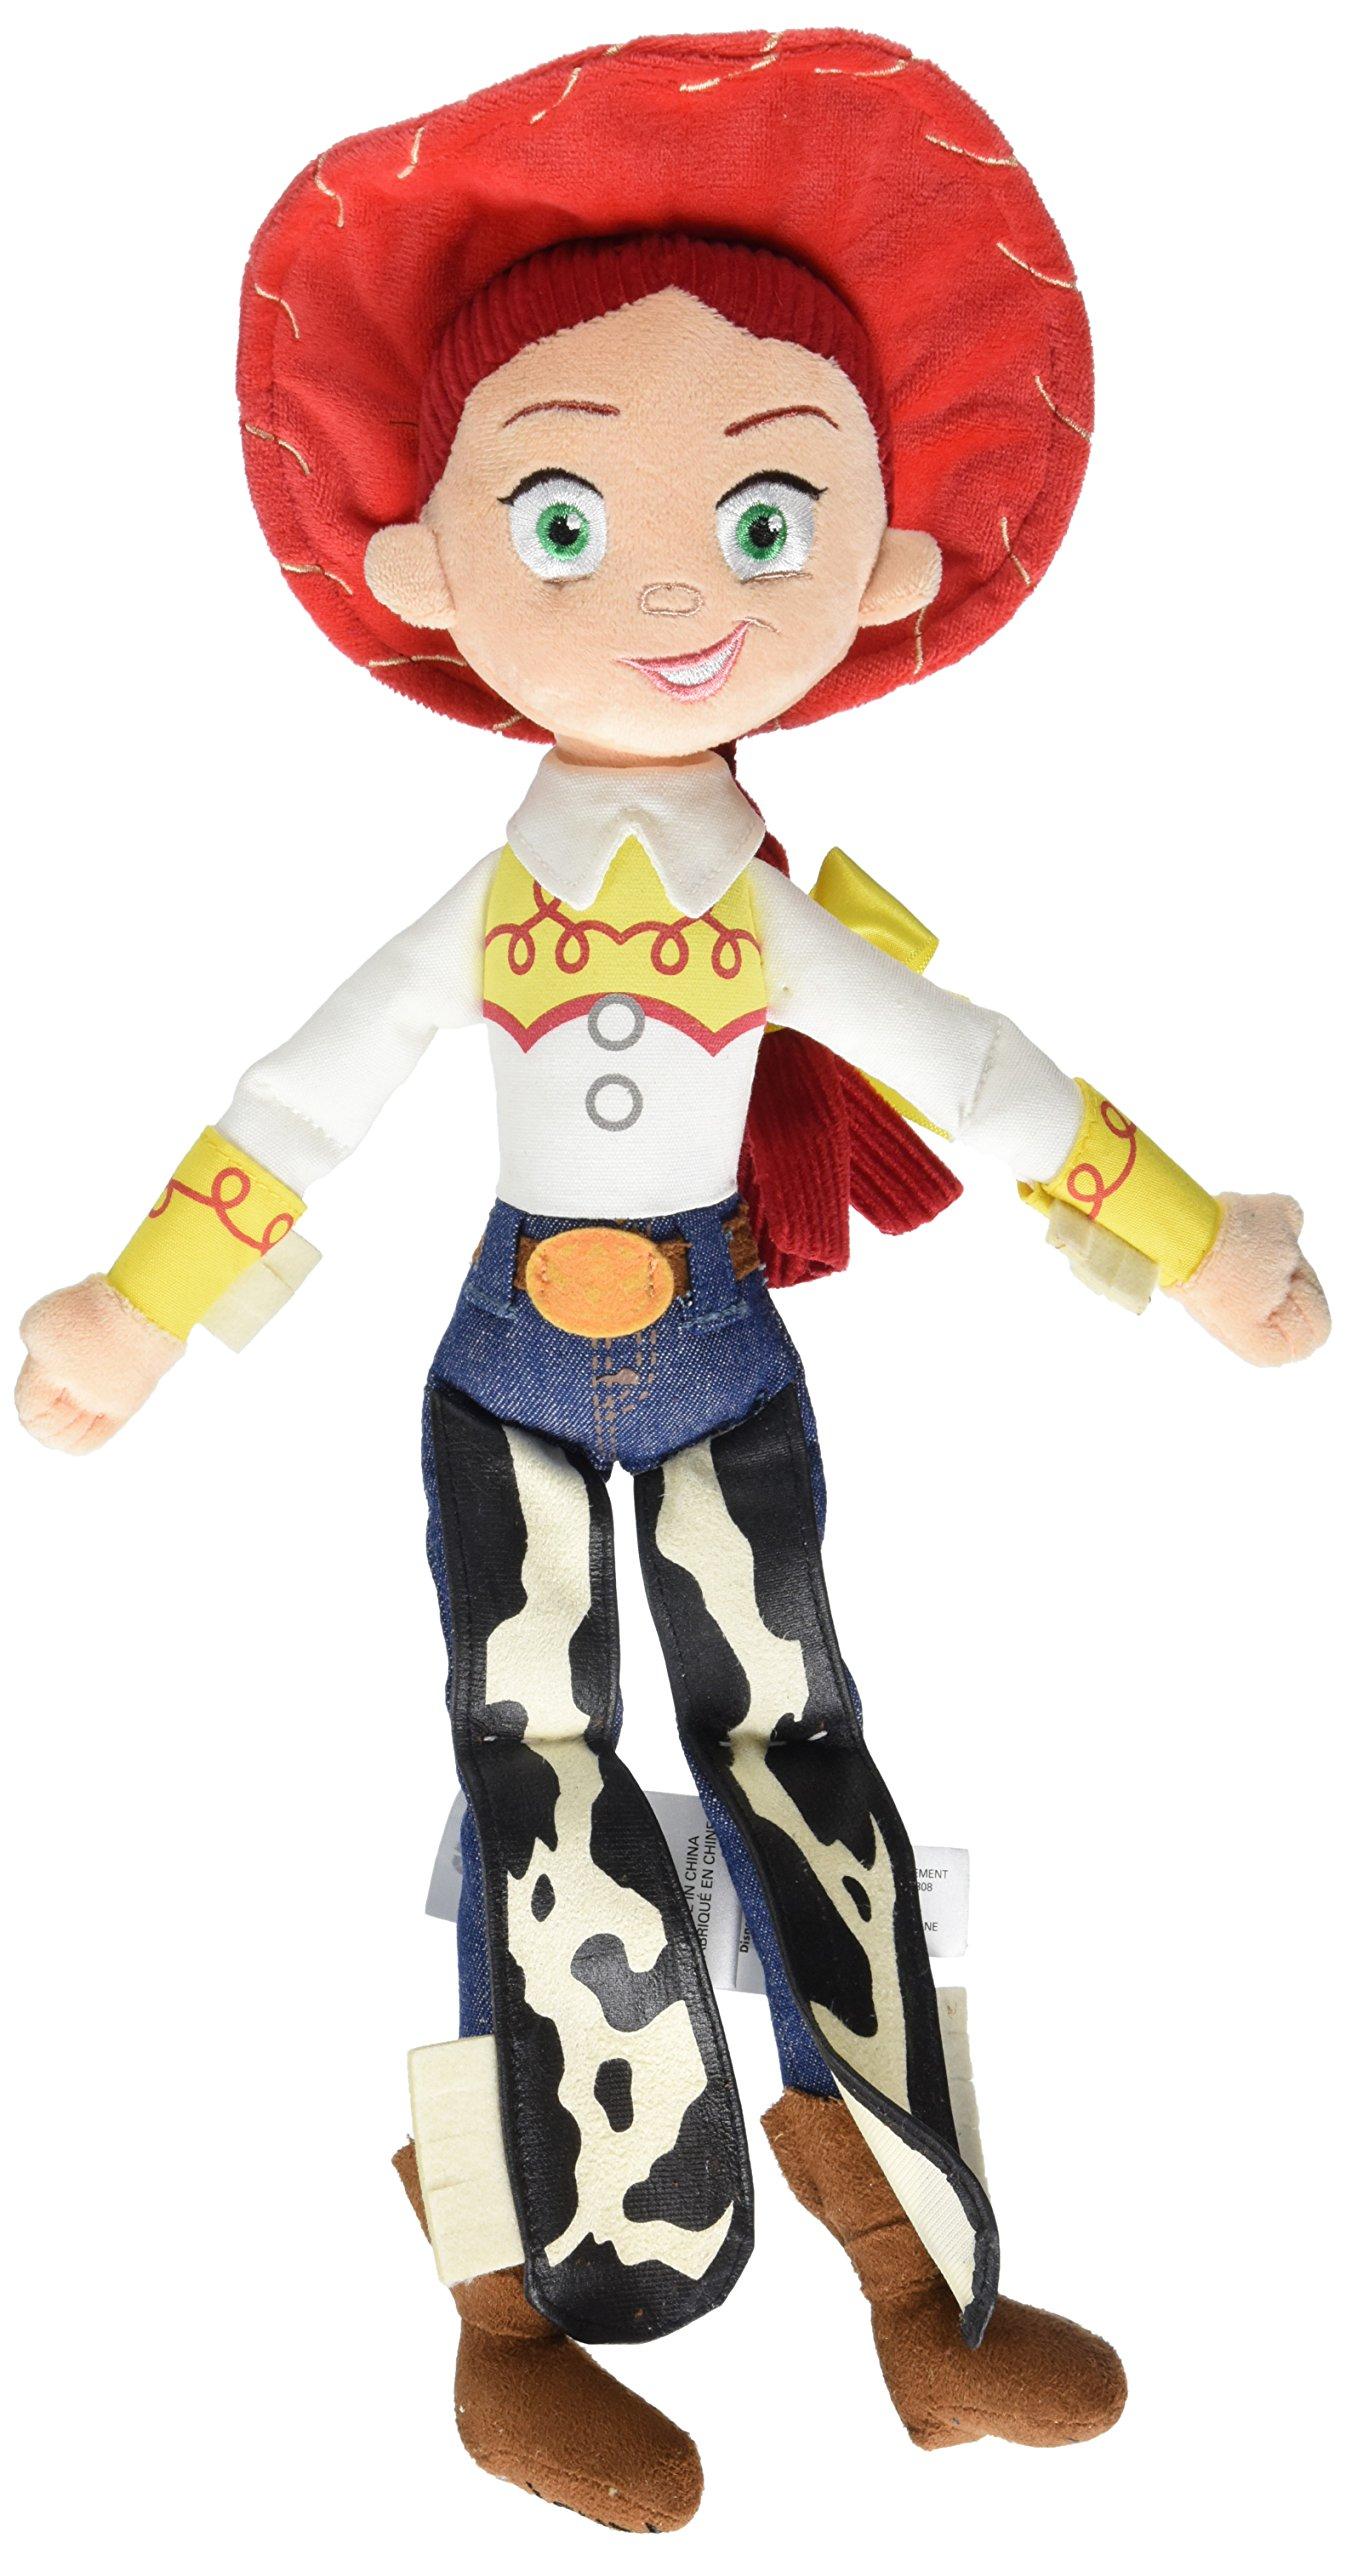 Toy Story Jessie Plush Doll 11u0026quot; | EBay